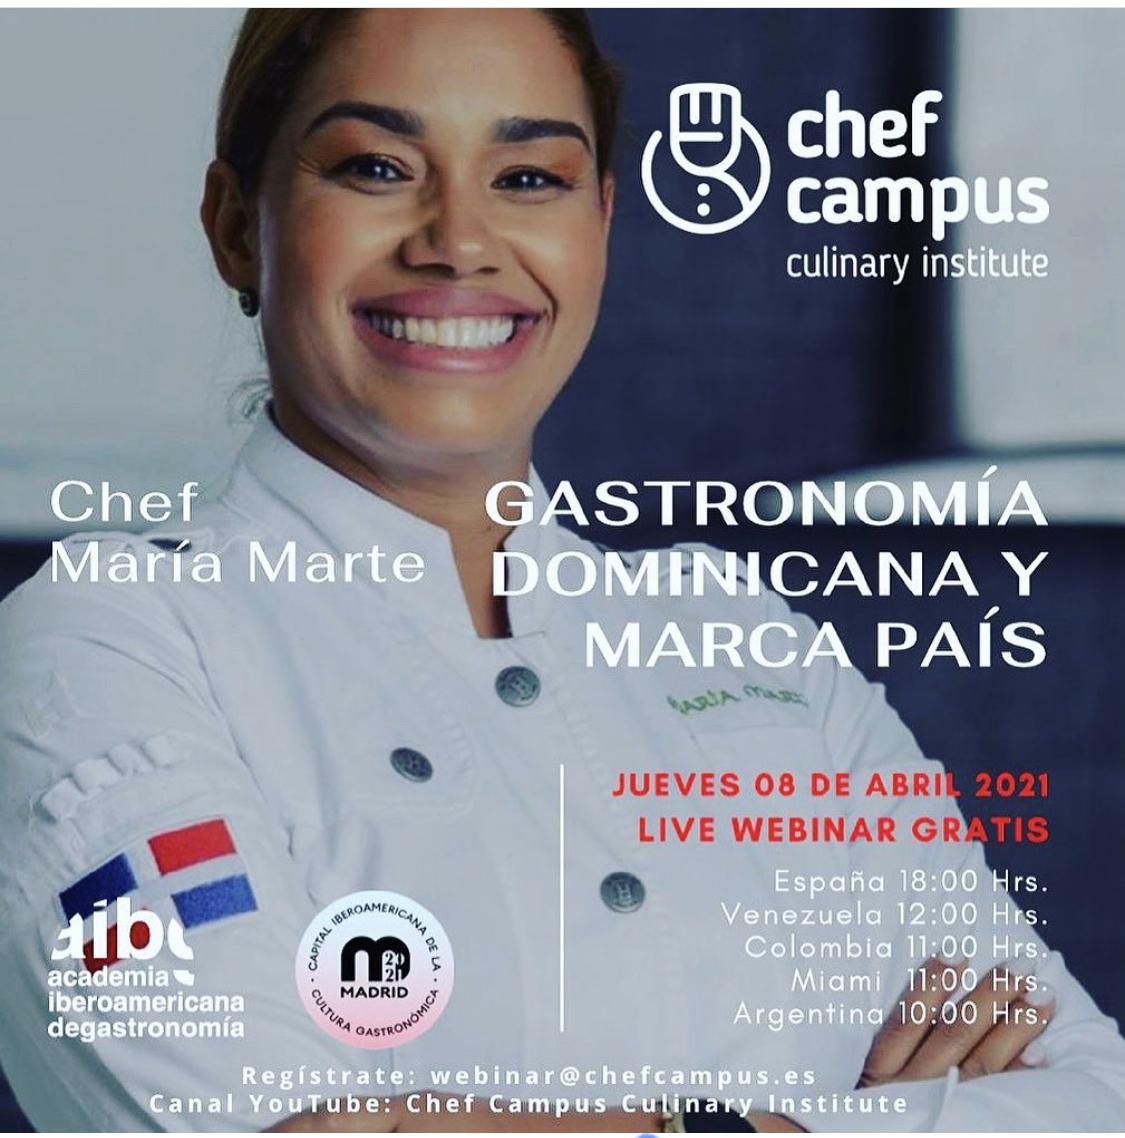 República Dominicana: Gastronomía y Marca País